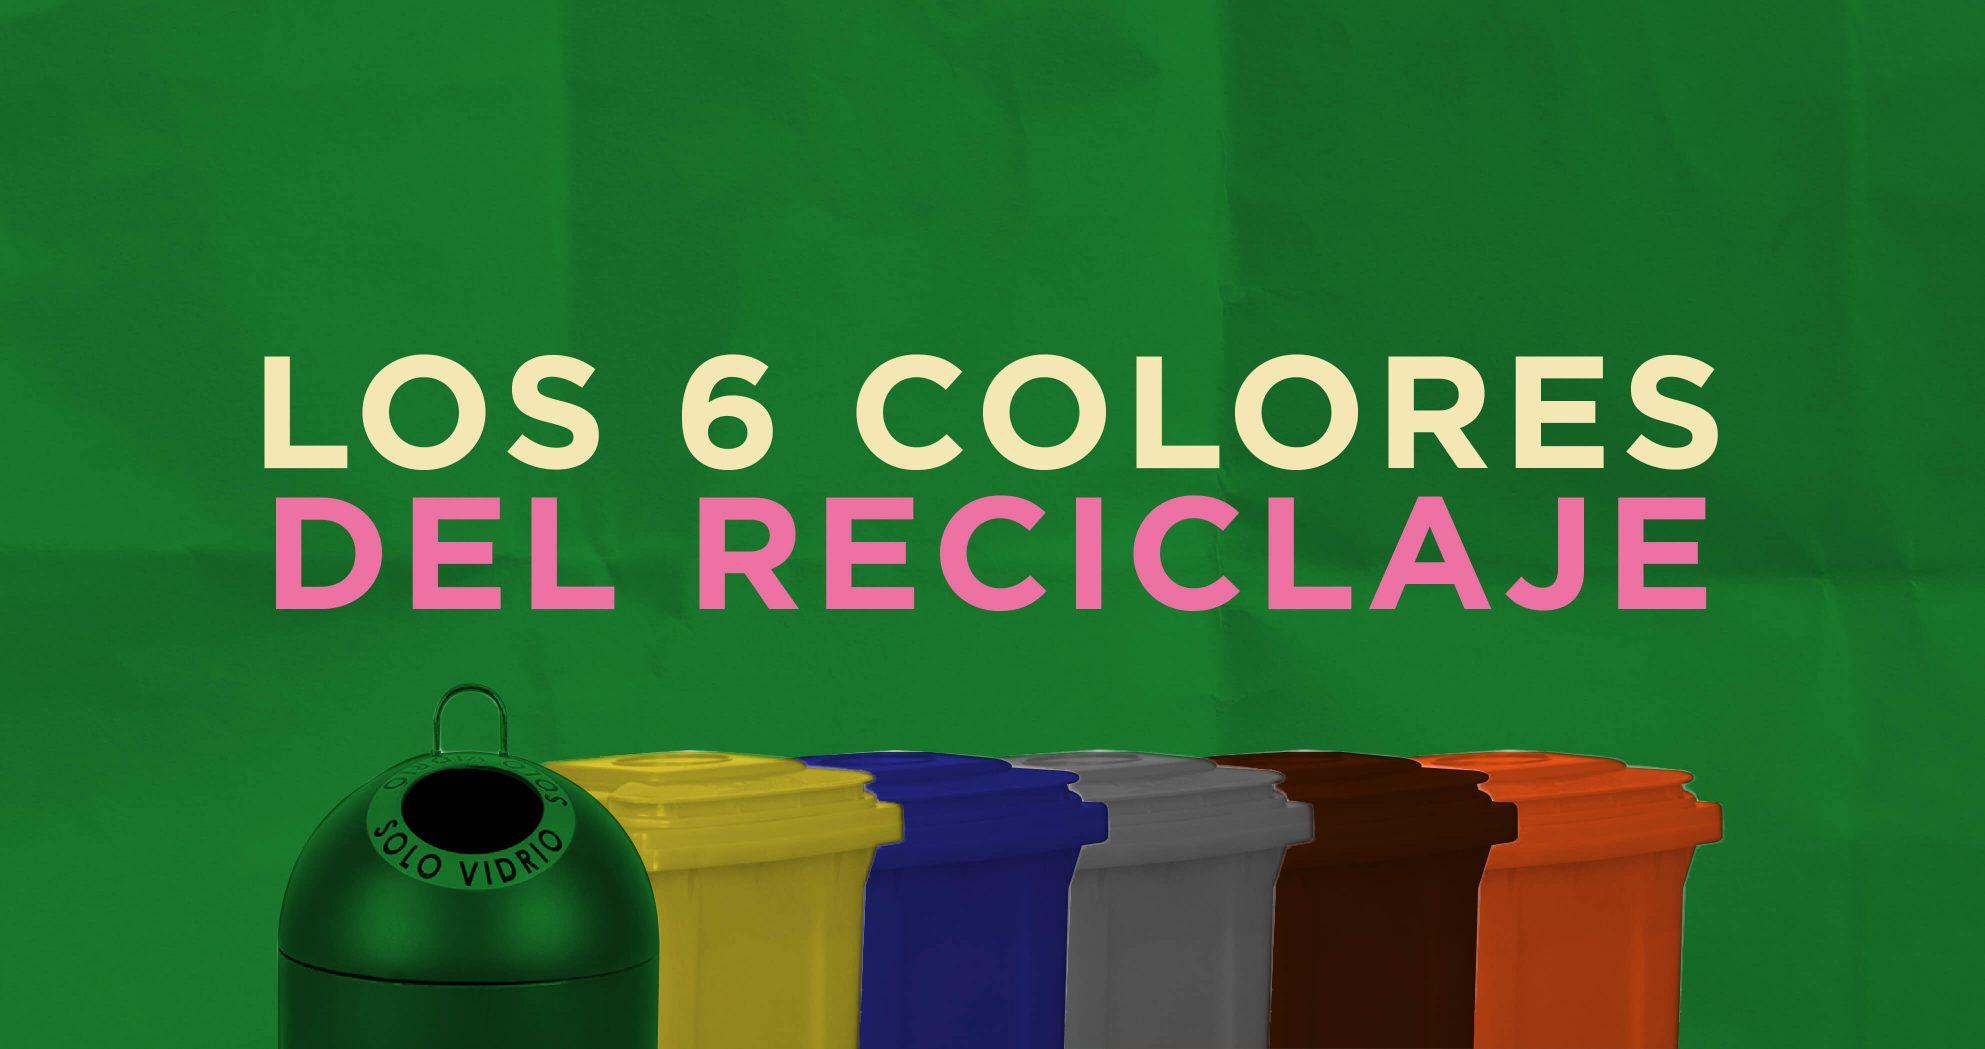 los 6 colores del reciclaje